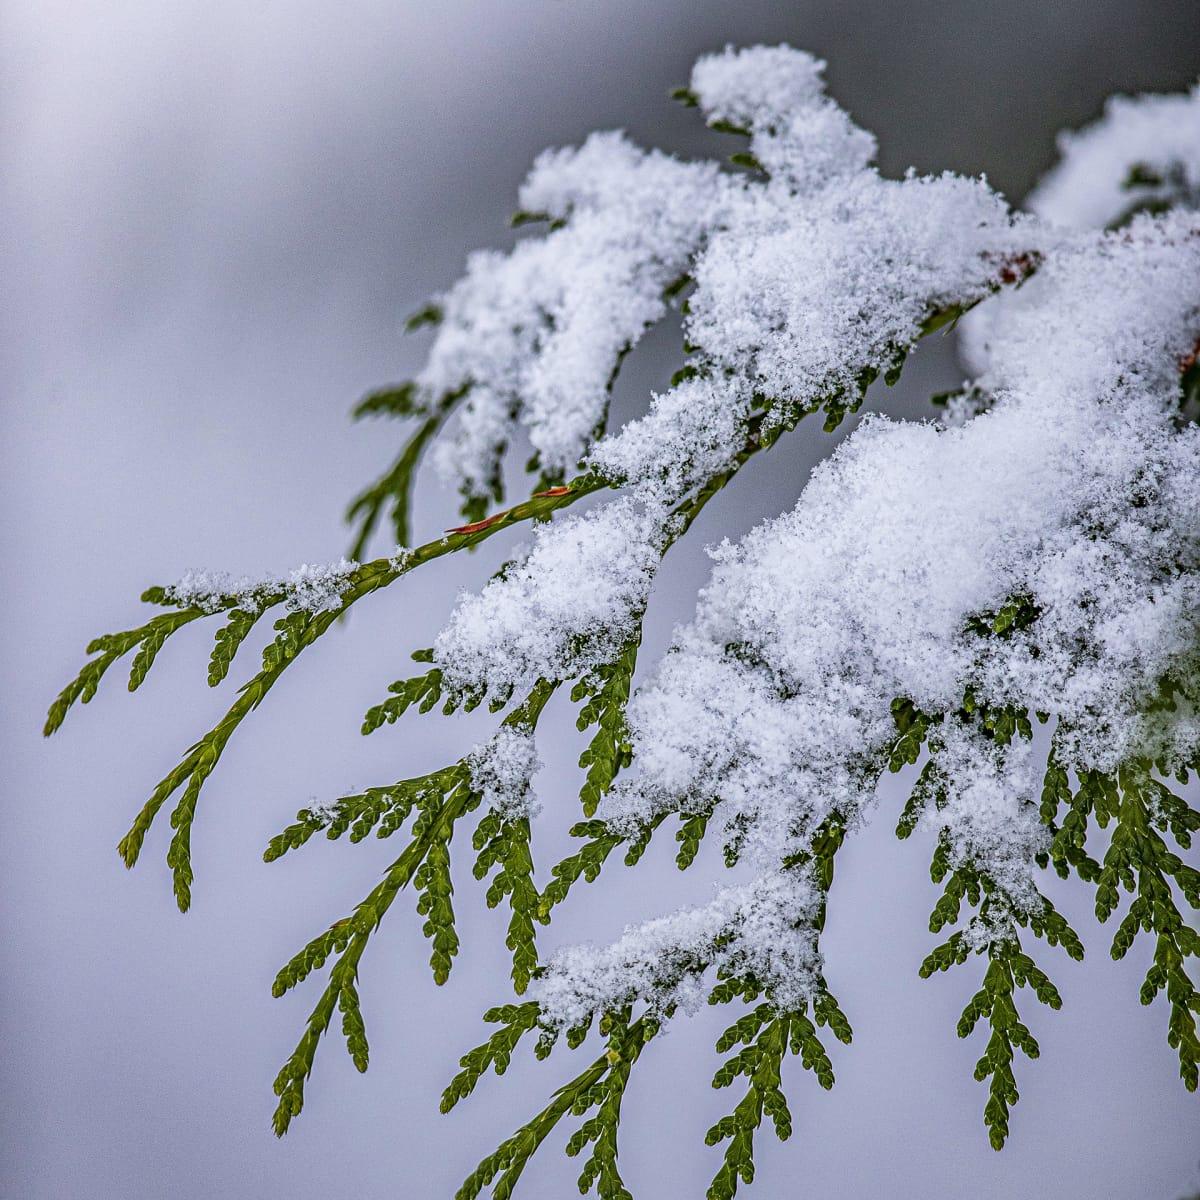 Lunta puun oksalla.